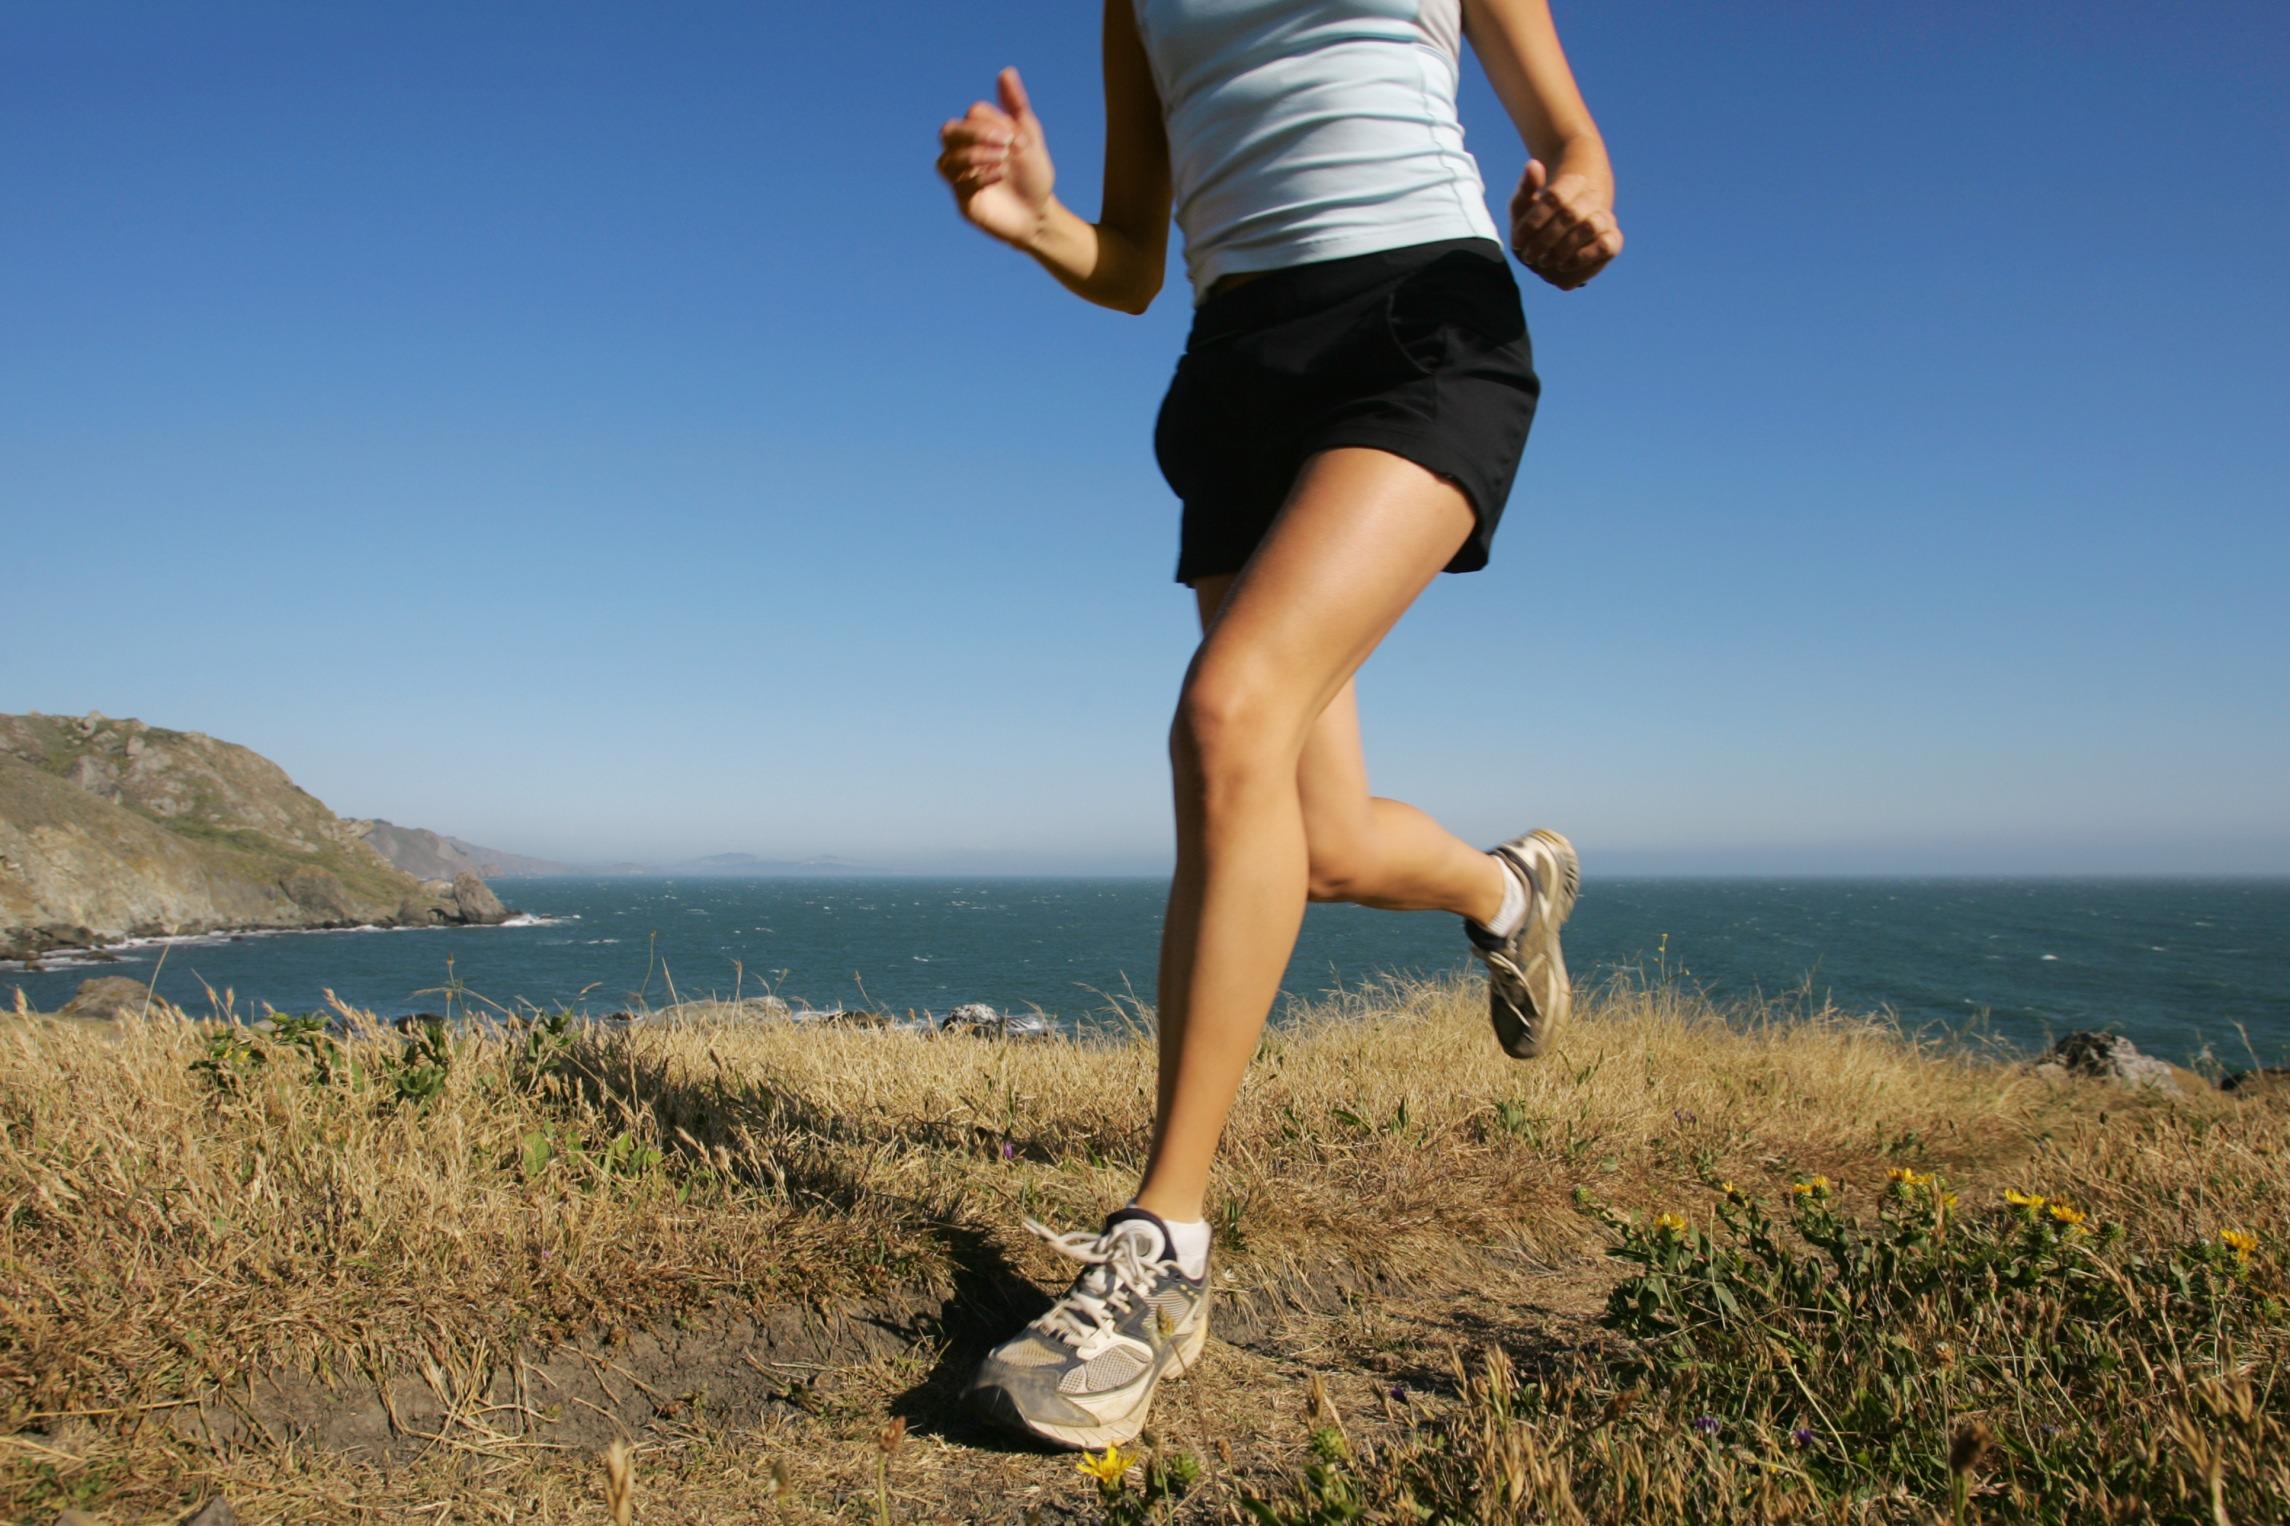 Quante calorie si bruciano correndo?